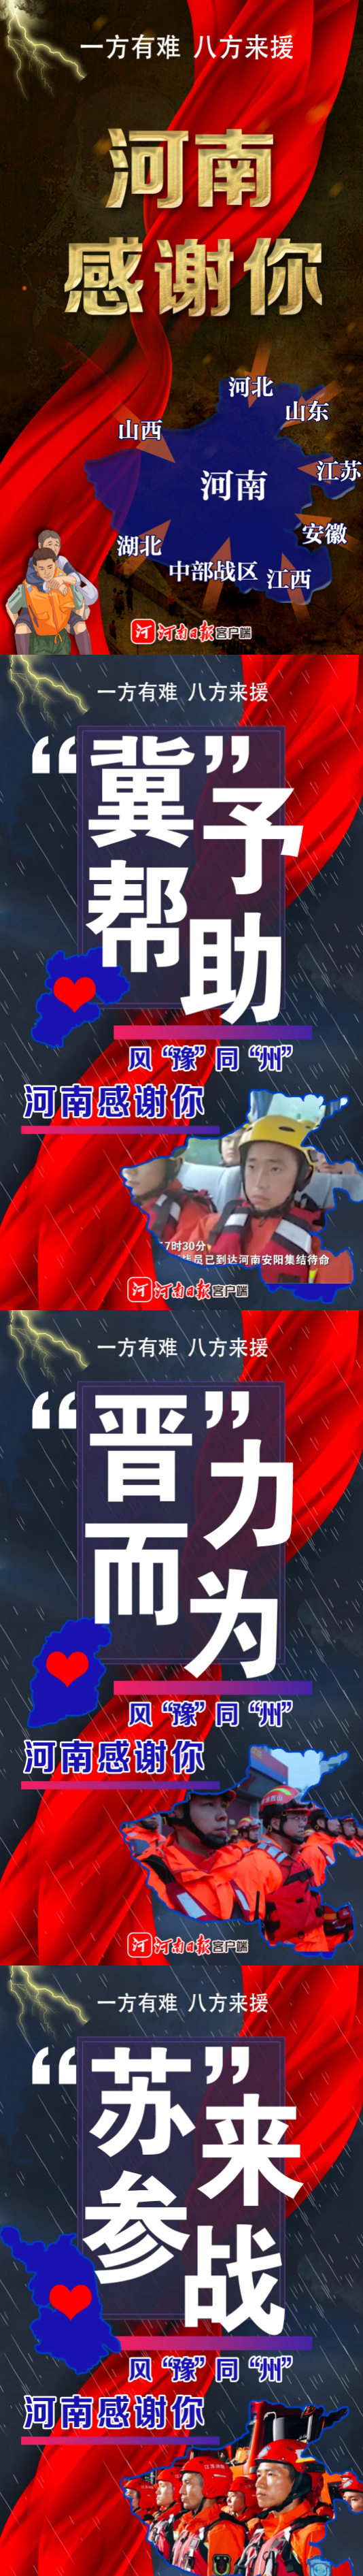 哈尔滨毅腾上海申鑫直播_恒大vs墨尔本胜利集锦_直播时间